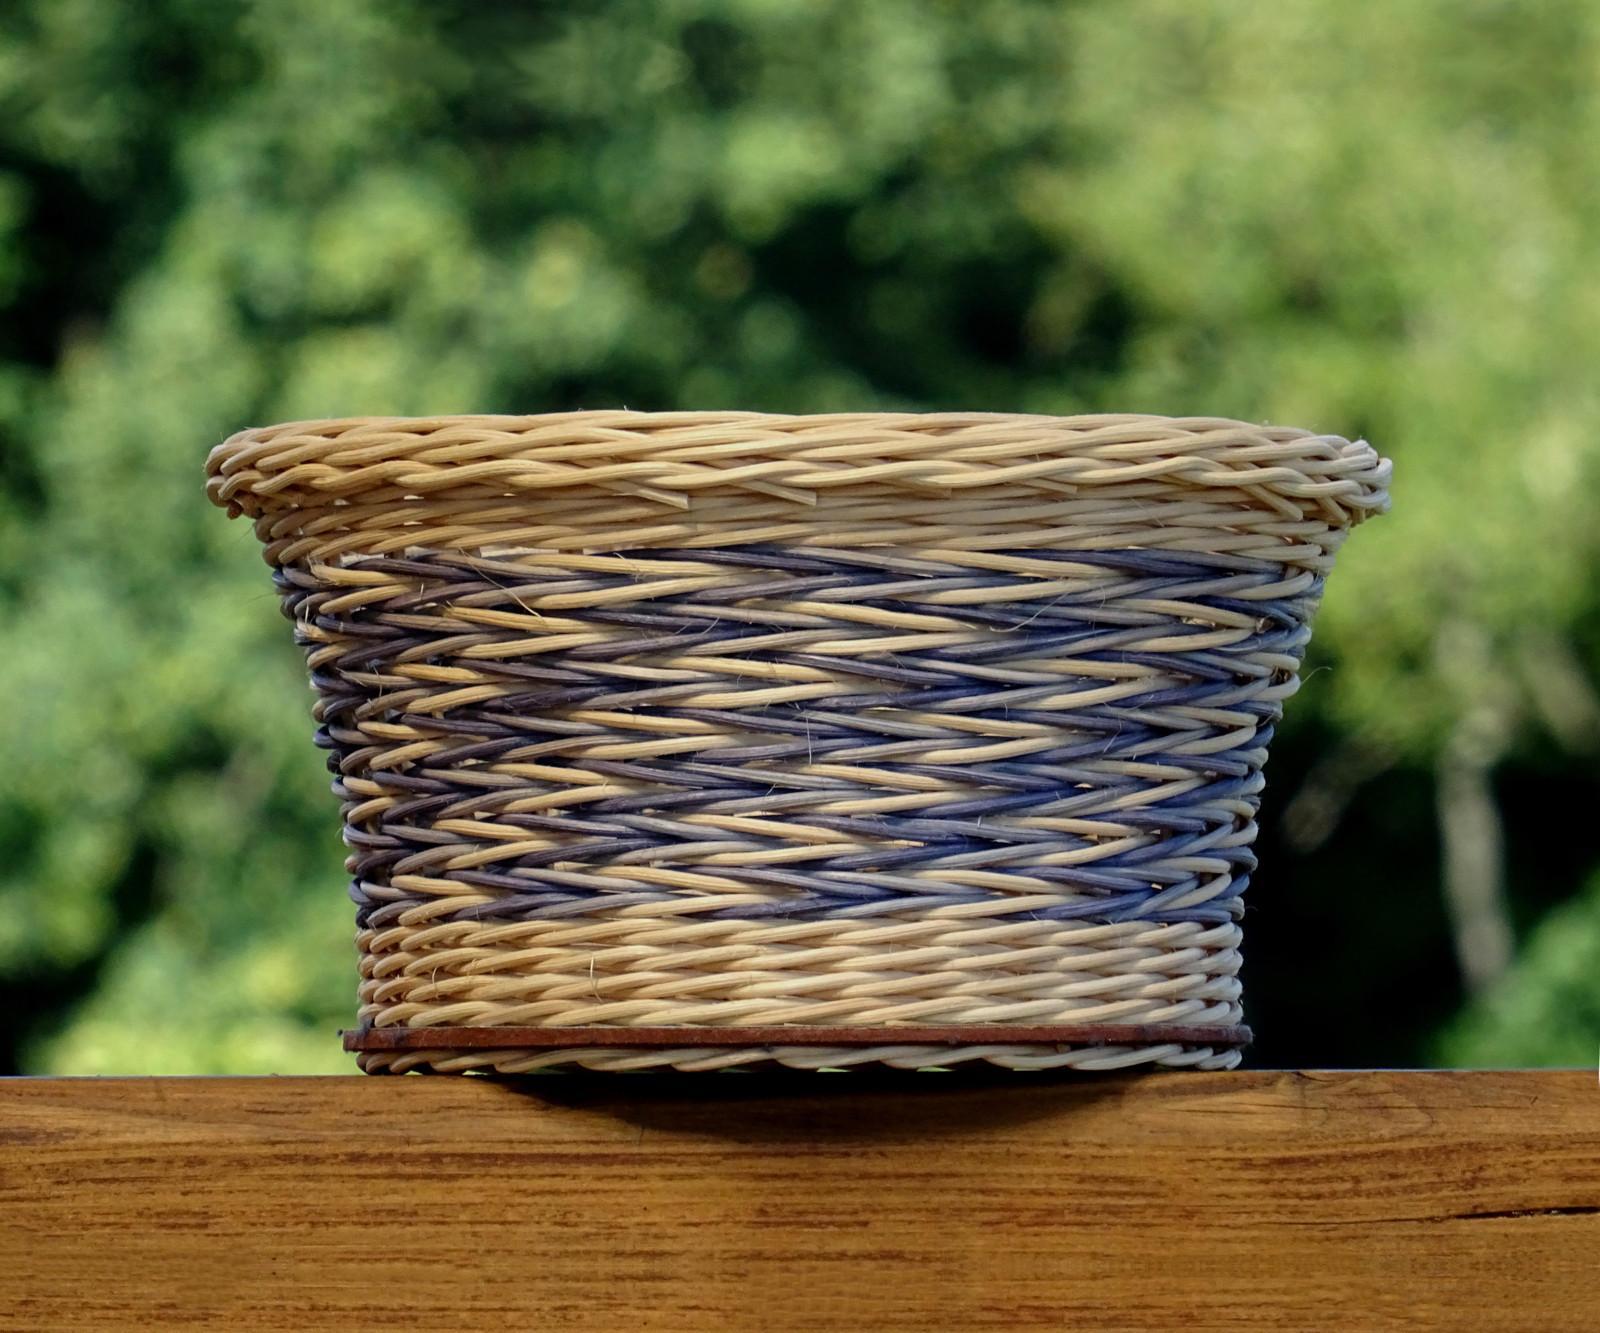 Pletený košík s modrým řetízkovým vzorem   Zboží prodejce Swagman ... b4469f2f27